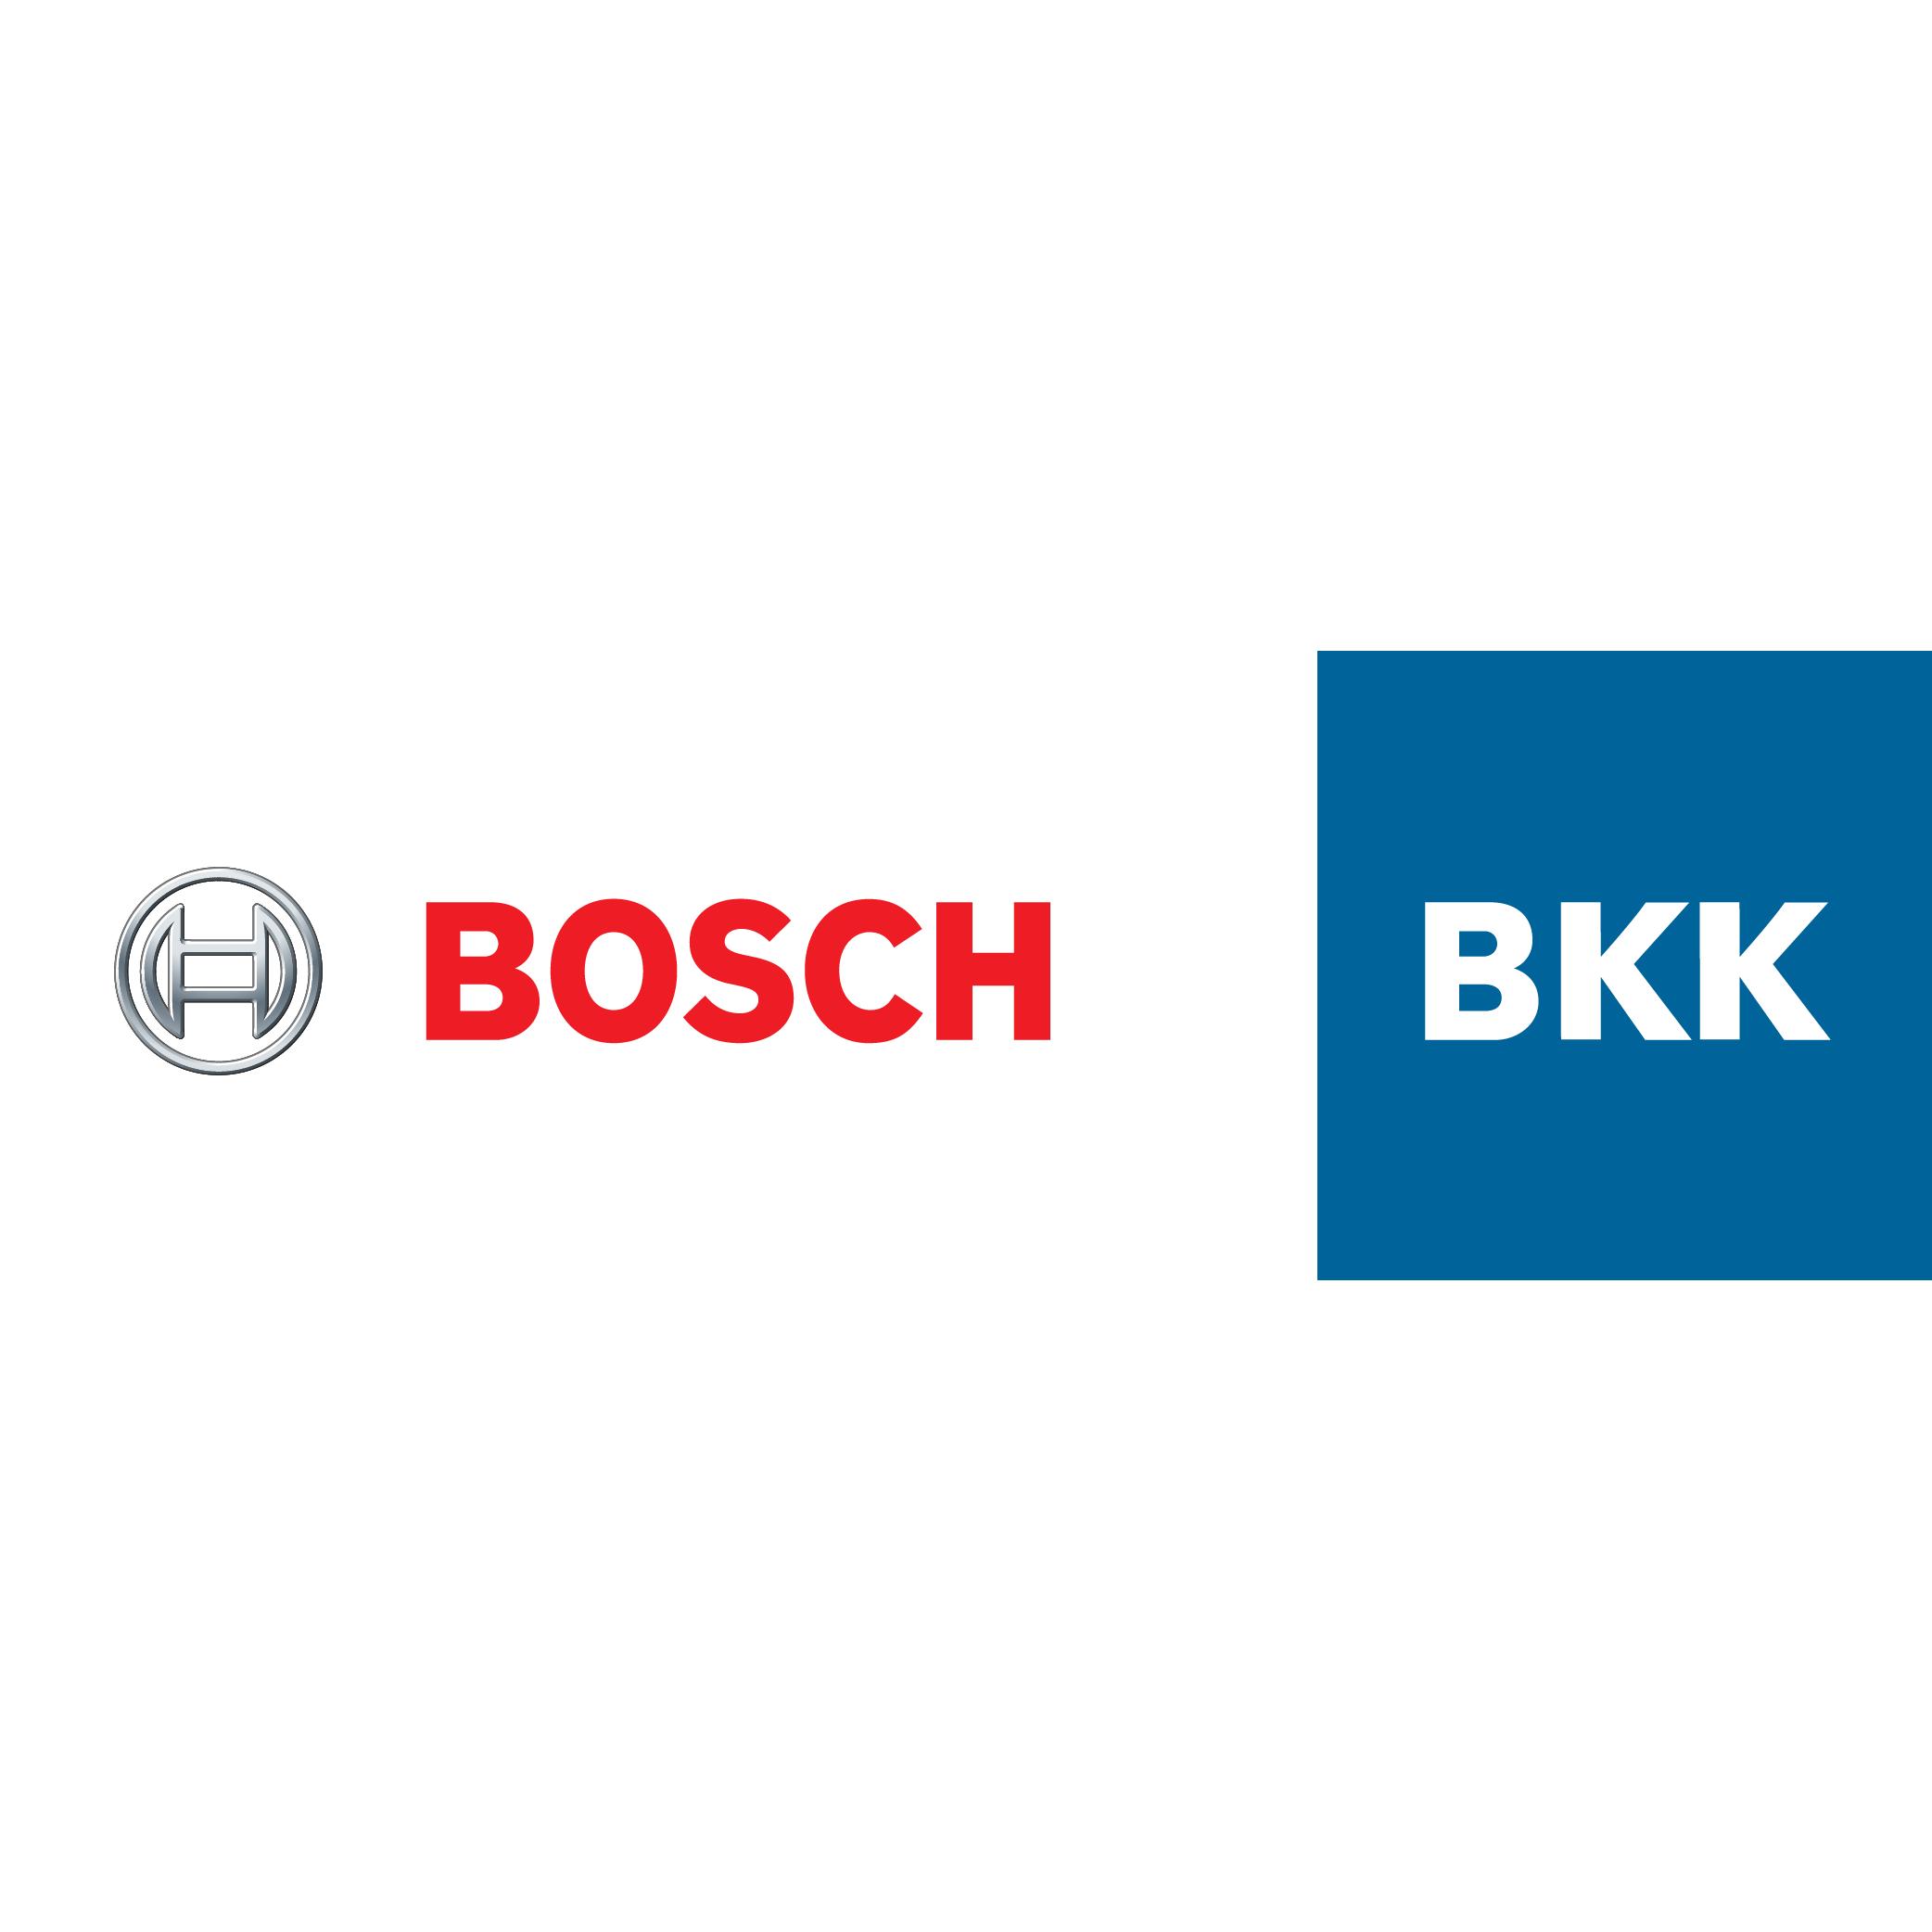 Markenzeichen der Bosch BKK